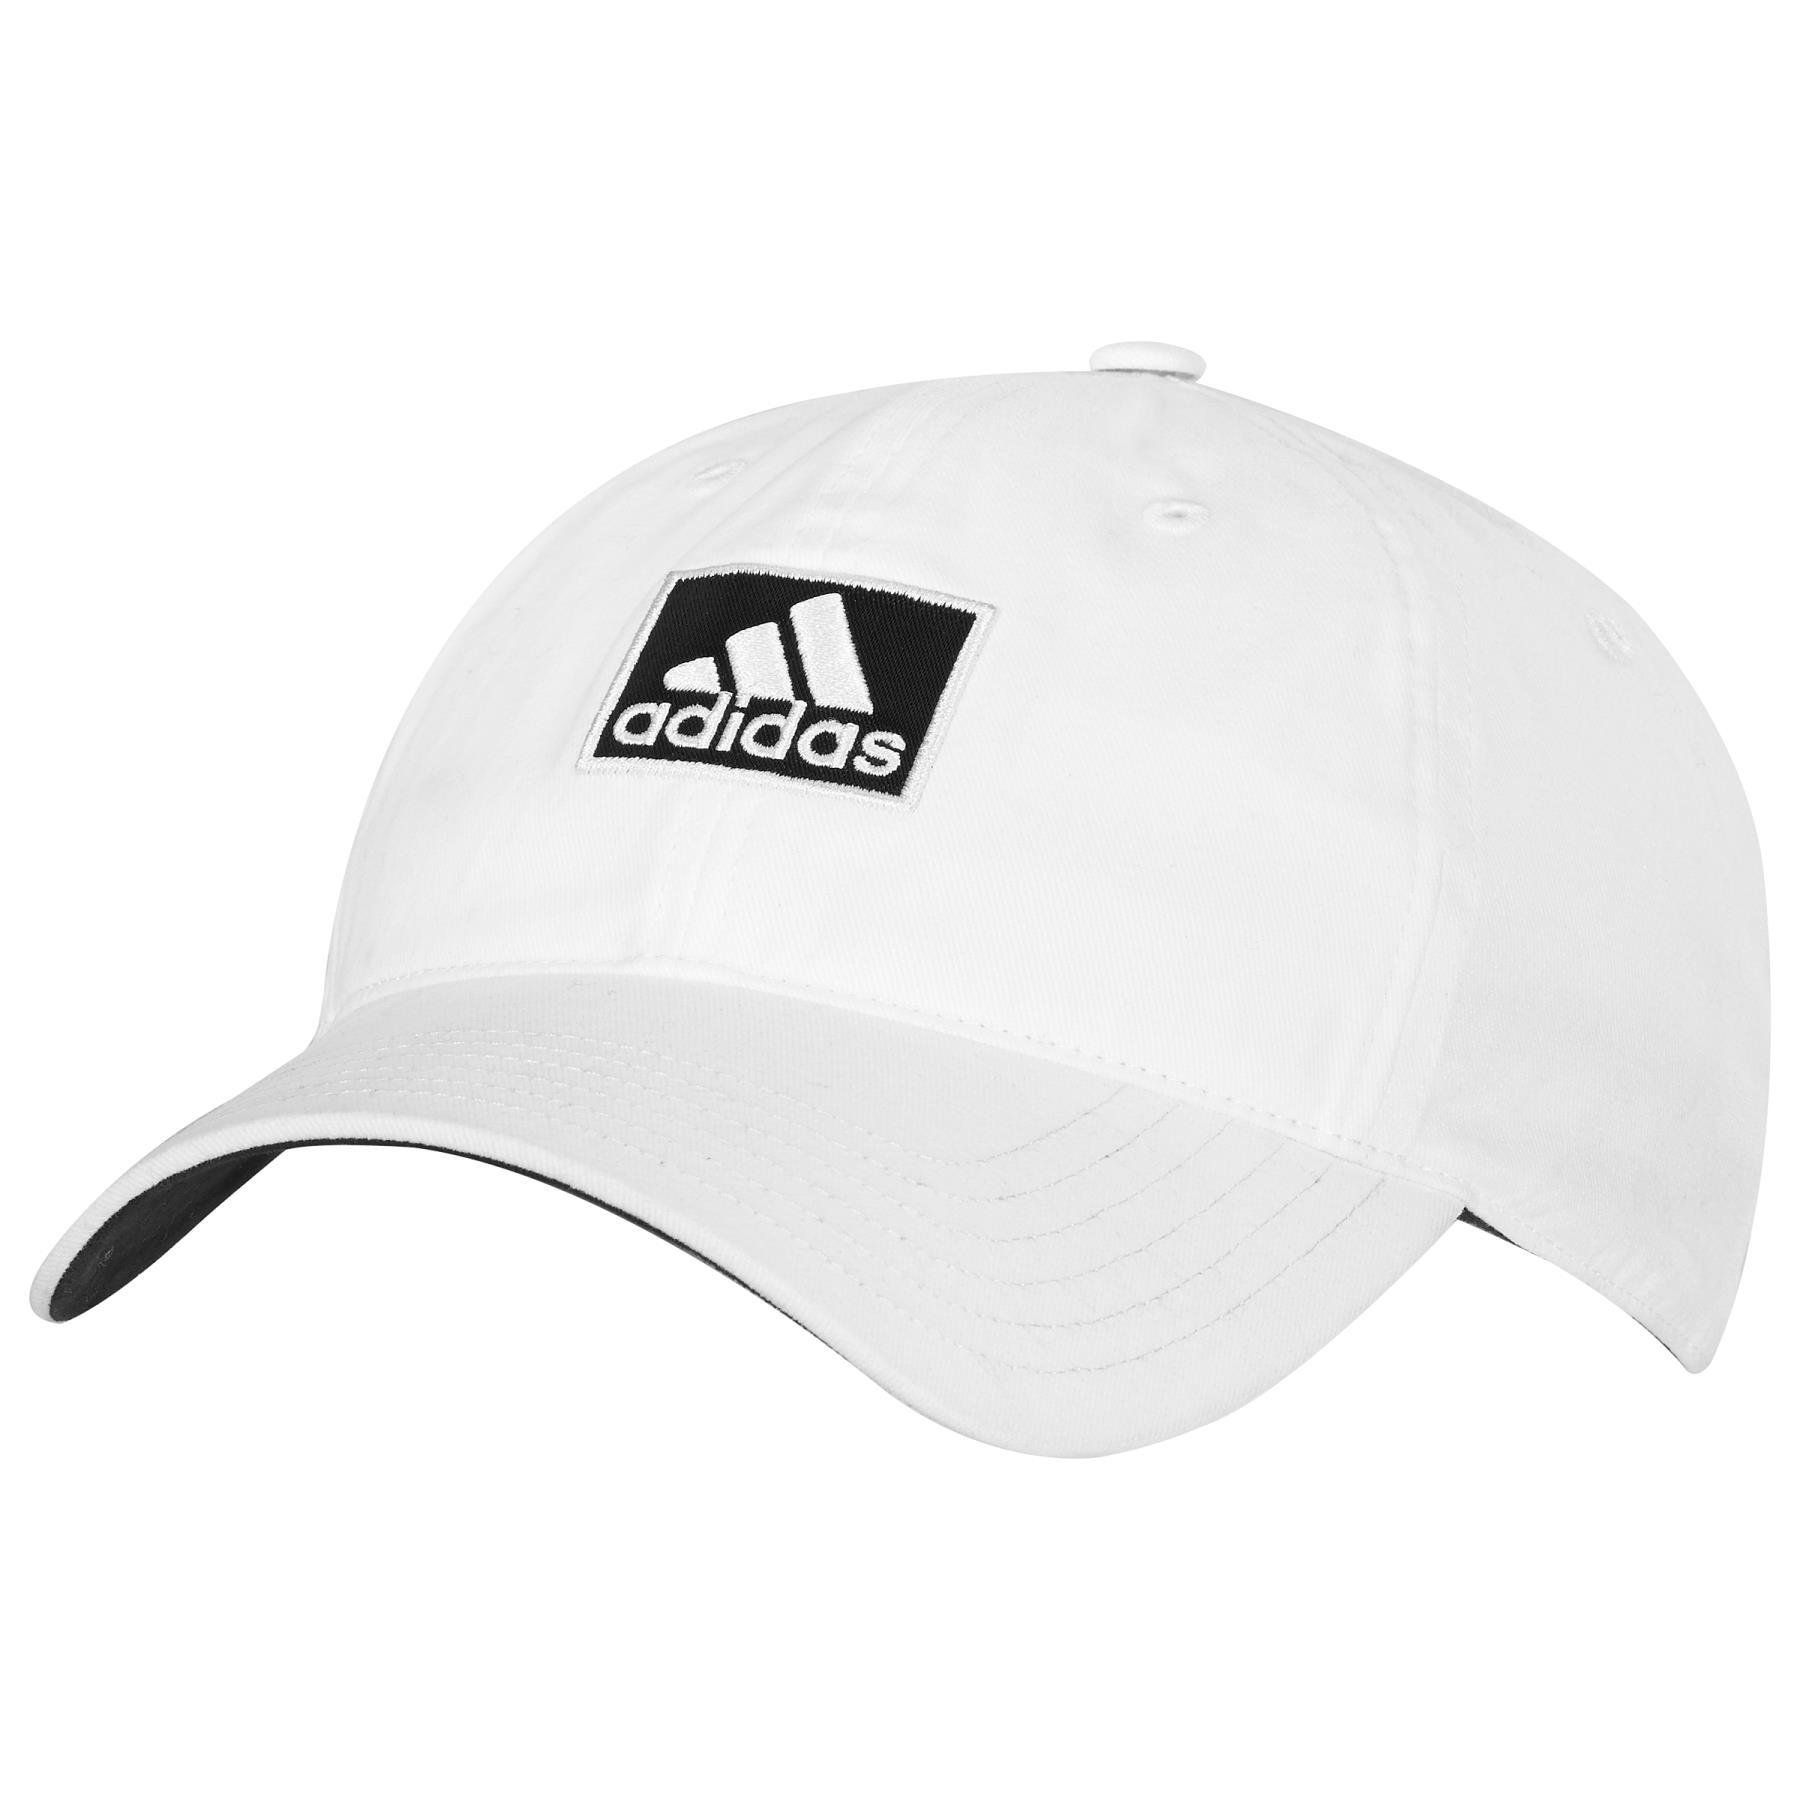 Adidas Cap 2017